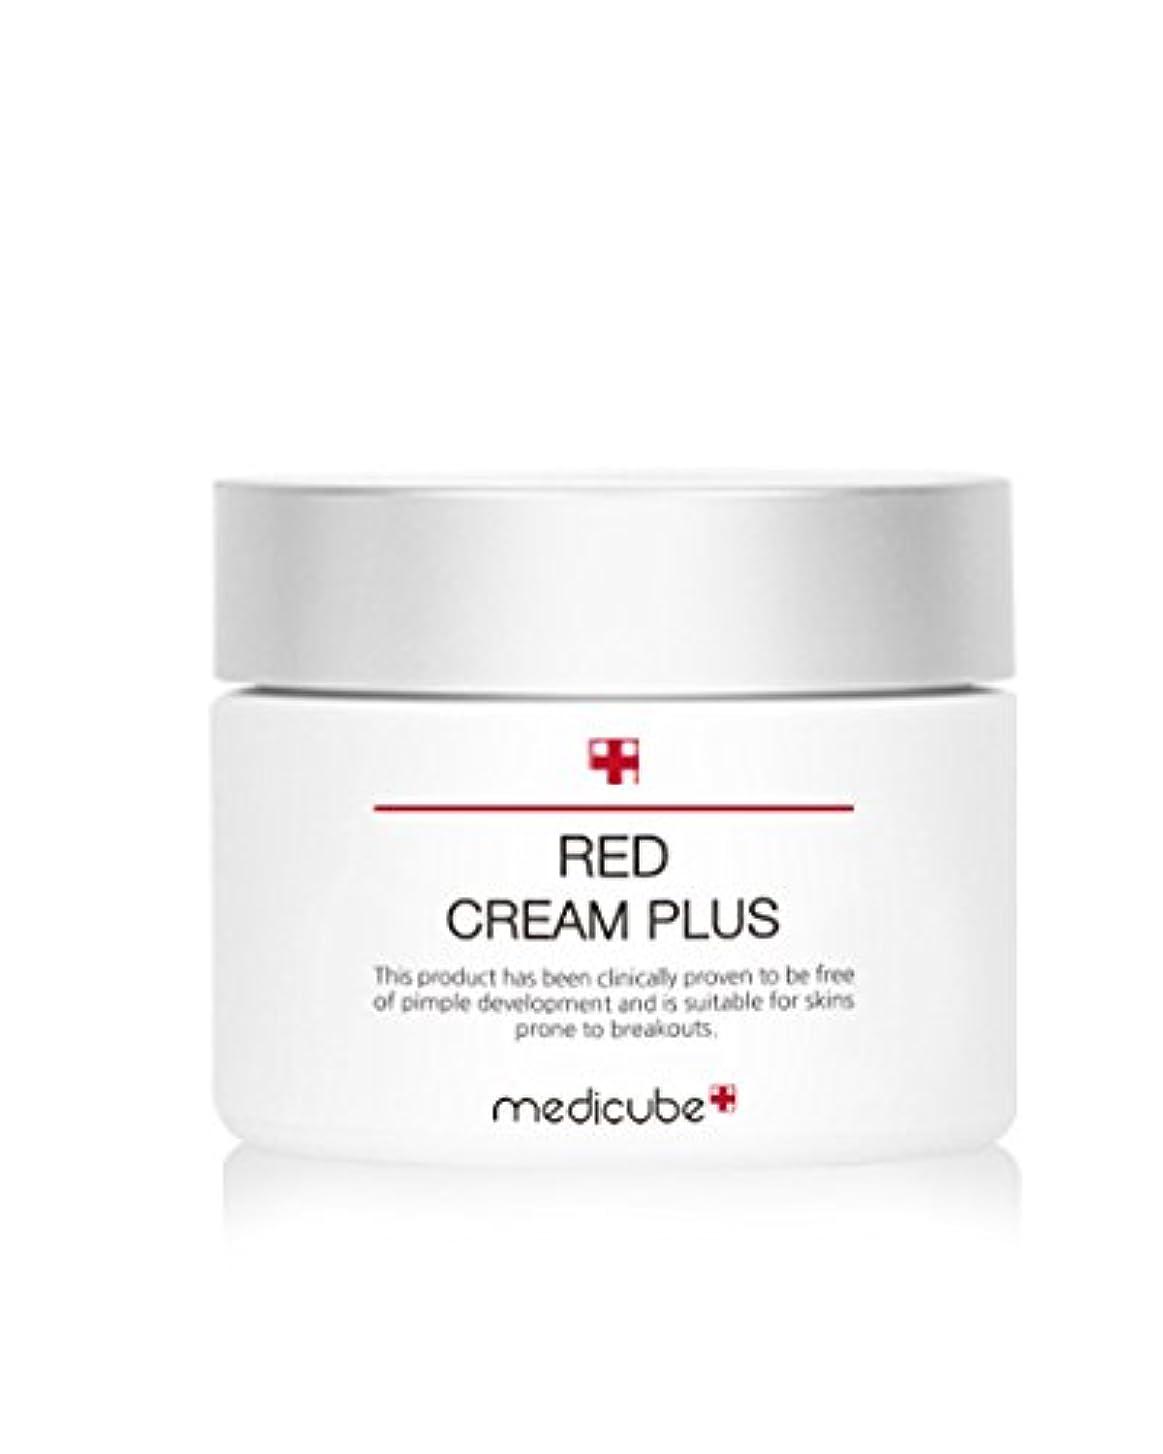 パドルプランター増強する[Medicube]メディキューブ レッド クリーム プラス 大容量 100ml / Medicube Red Cream Plus 100ml [並行輸入品]